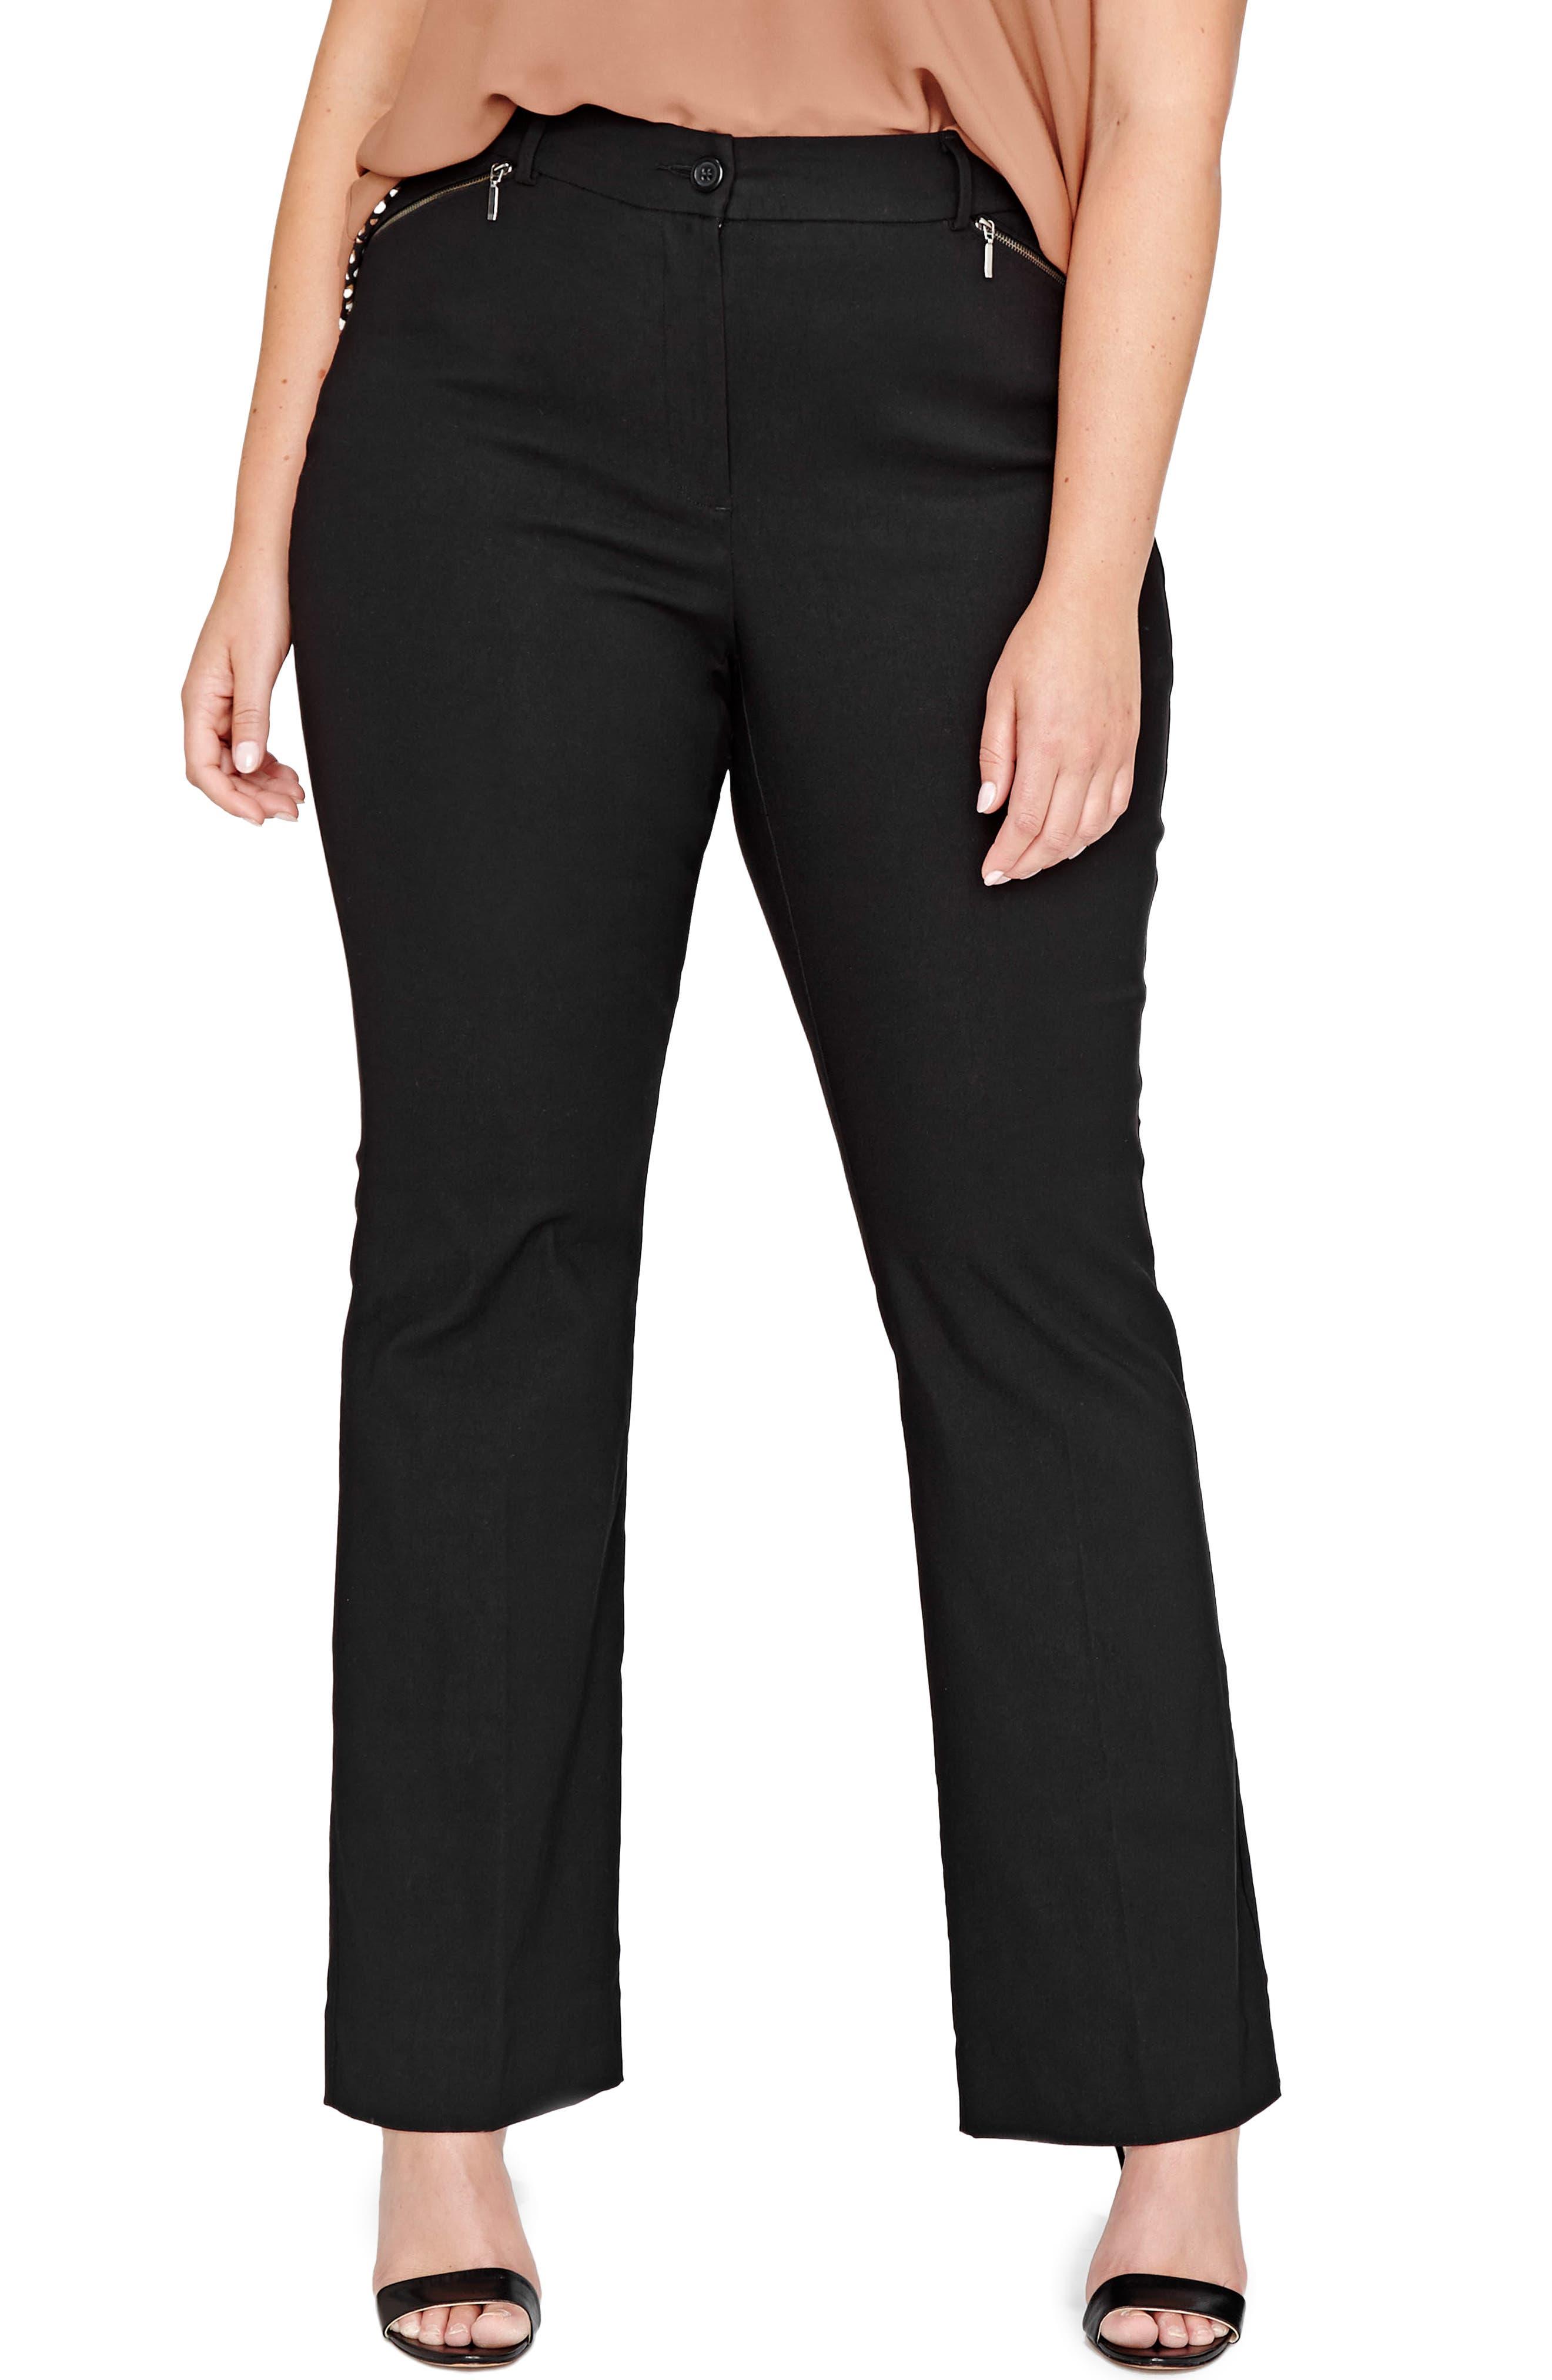 Alexa Flare Leg Pants,                         Main,                         color, Black